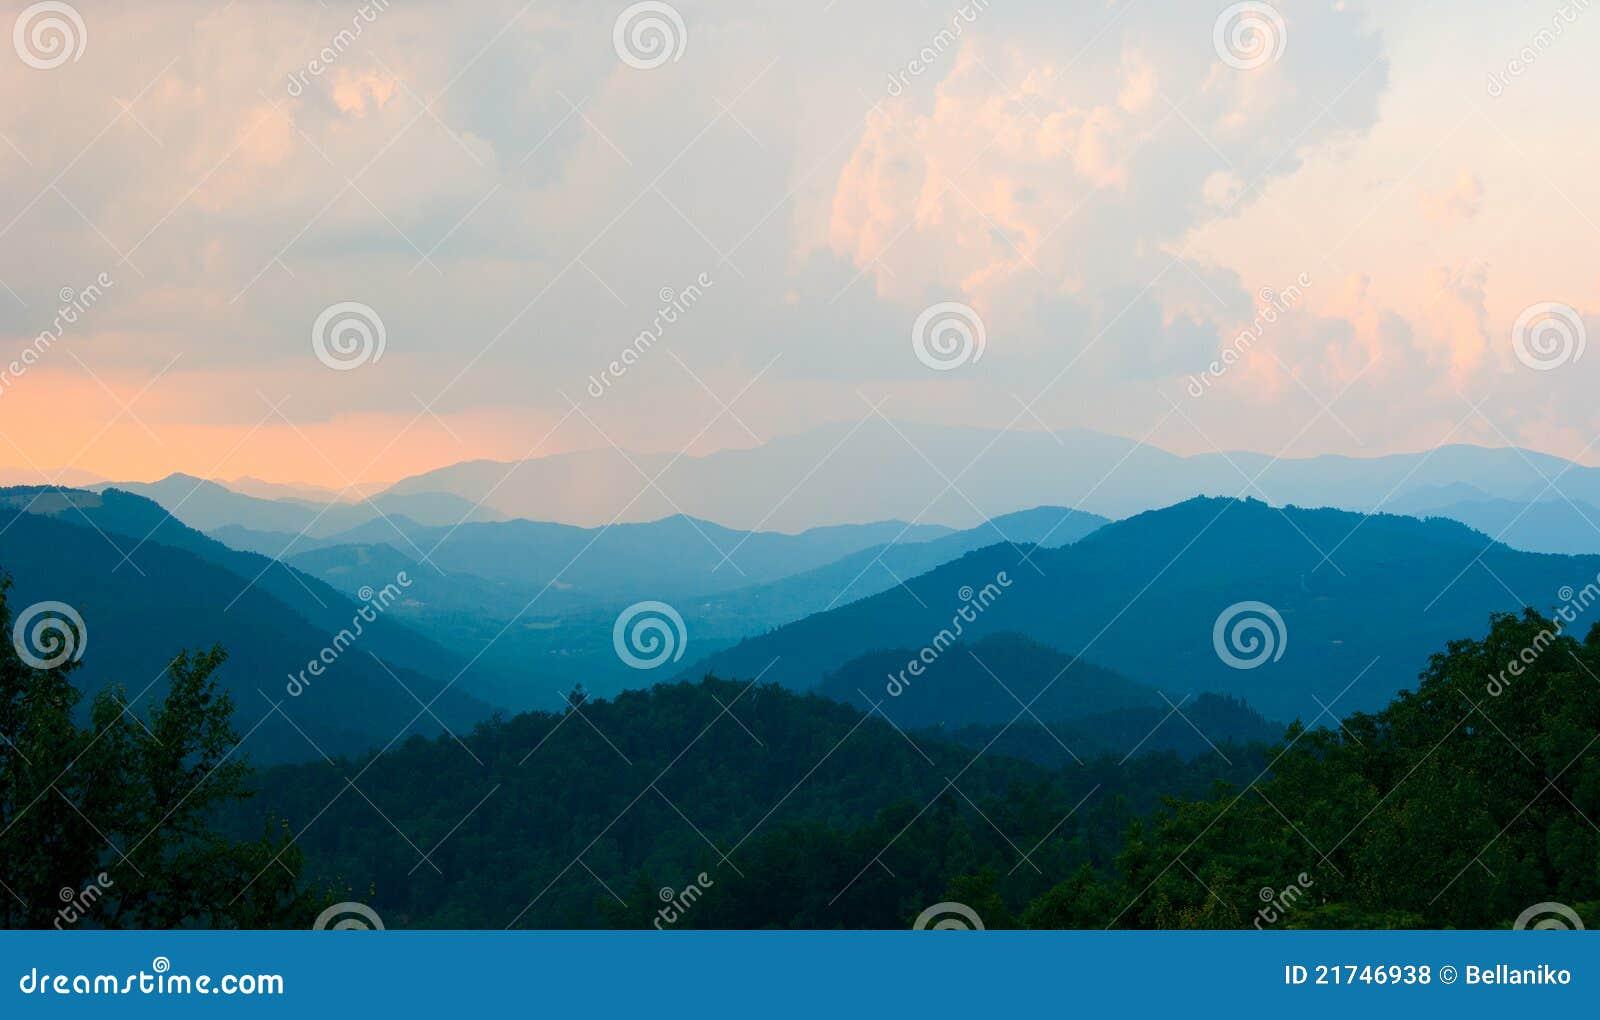 μπλε κορυφογραμμή βουνώ&n